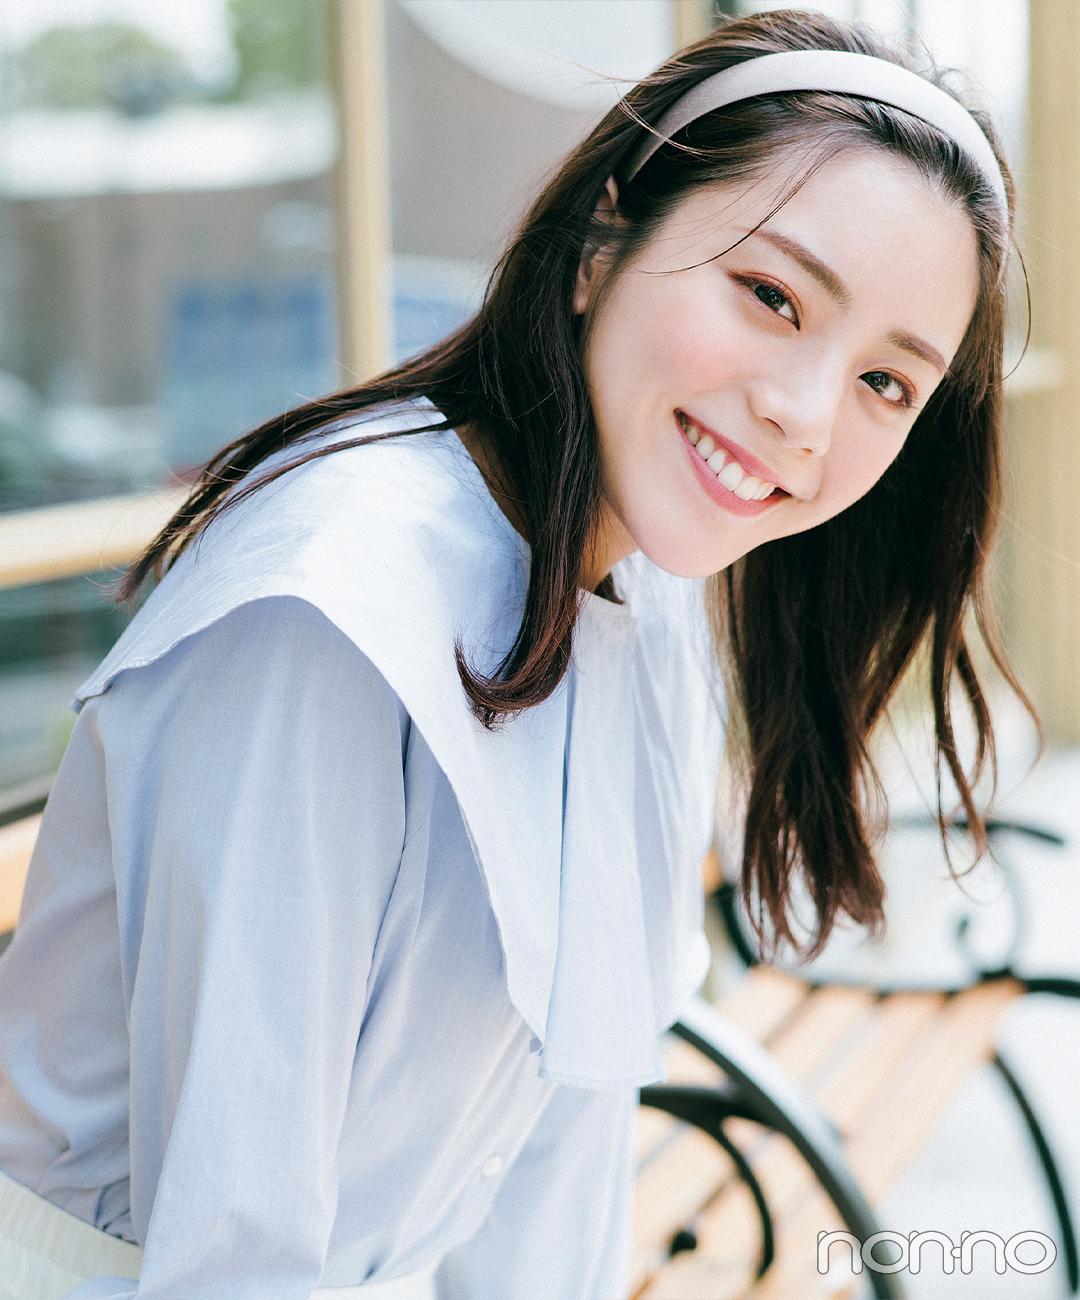 Photo Gallery 天気予報の女神&大人気モデル! 貴島明日香フォトギャラリー_1_3